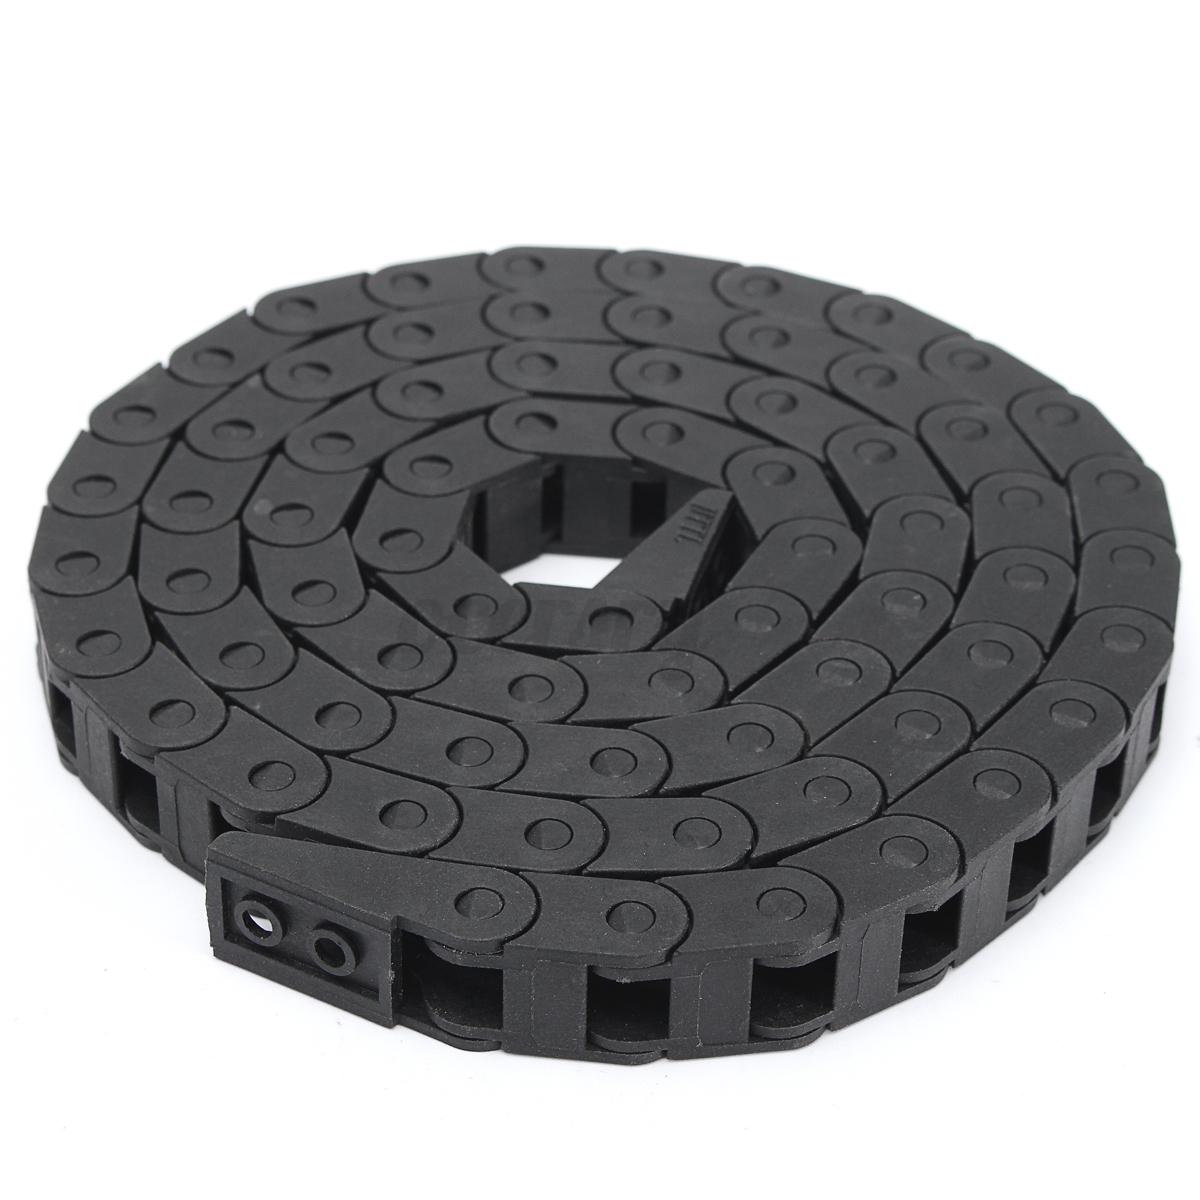 Nylon-Chaine-Trainage-Drag-Porte-Cable-7x7-10x10-10x20mm-Pr-CNC-Mill-Routeur